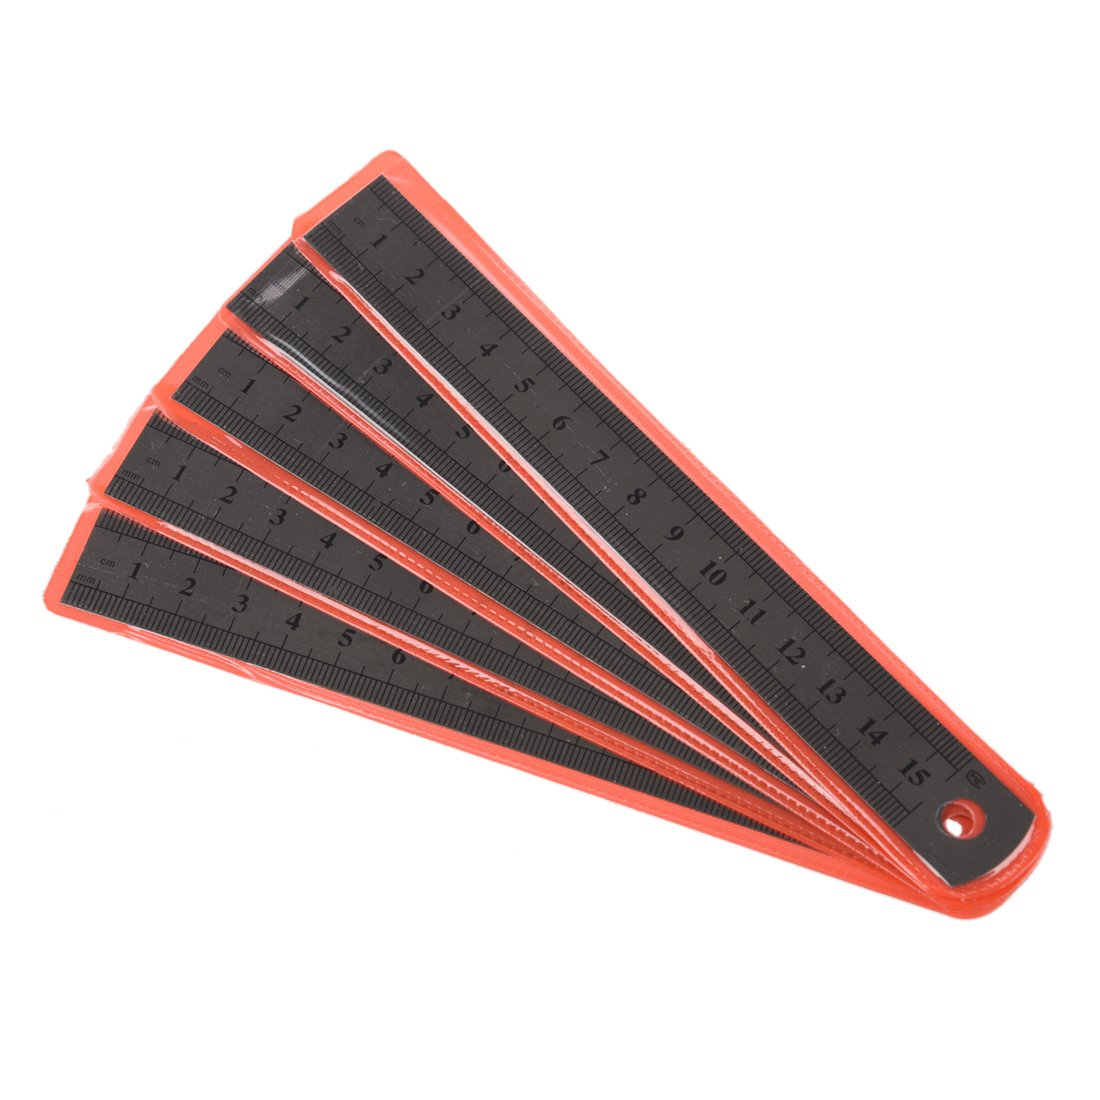 SODIAL R Regla de acero inoxidable 5pzs Regla recta de acero inoxidable 6 pulgadas 15 cm marcado de doble lado